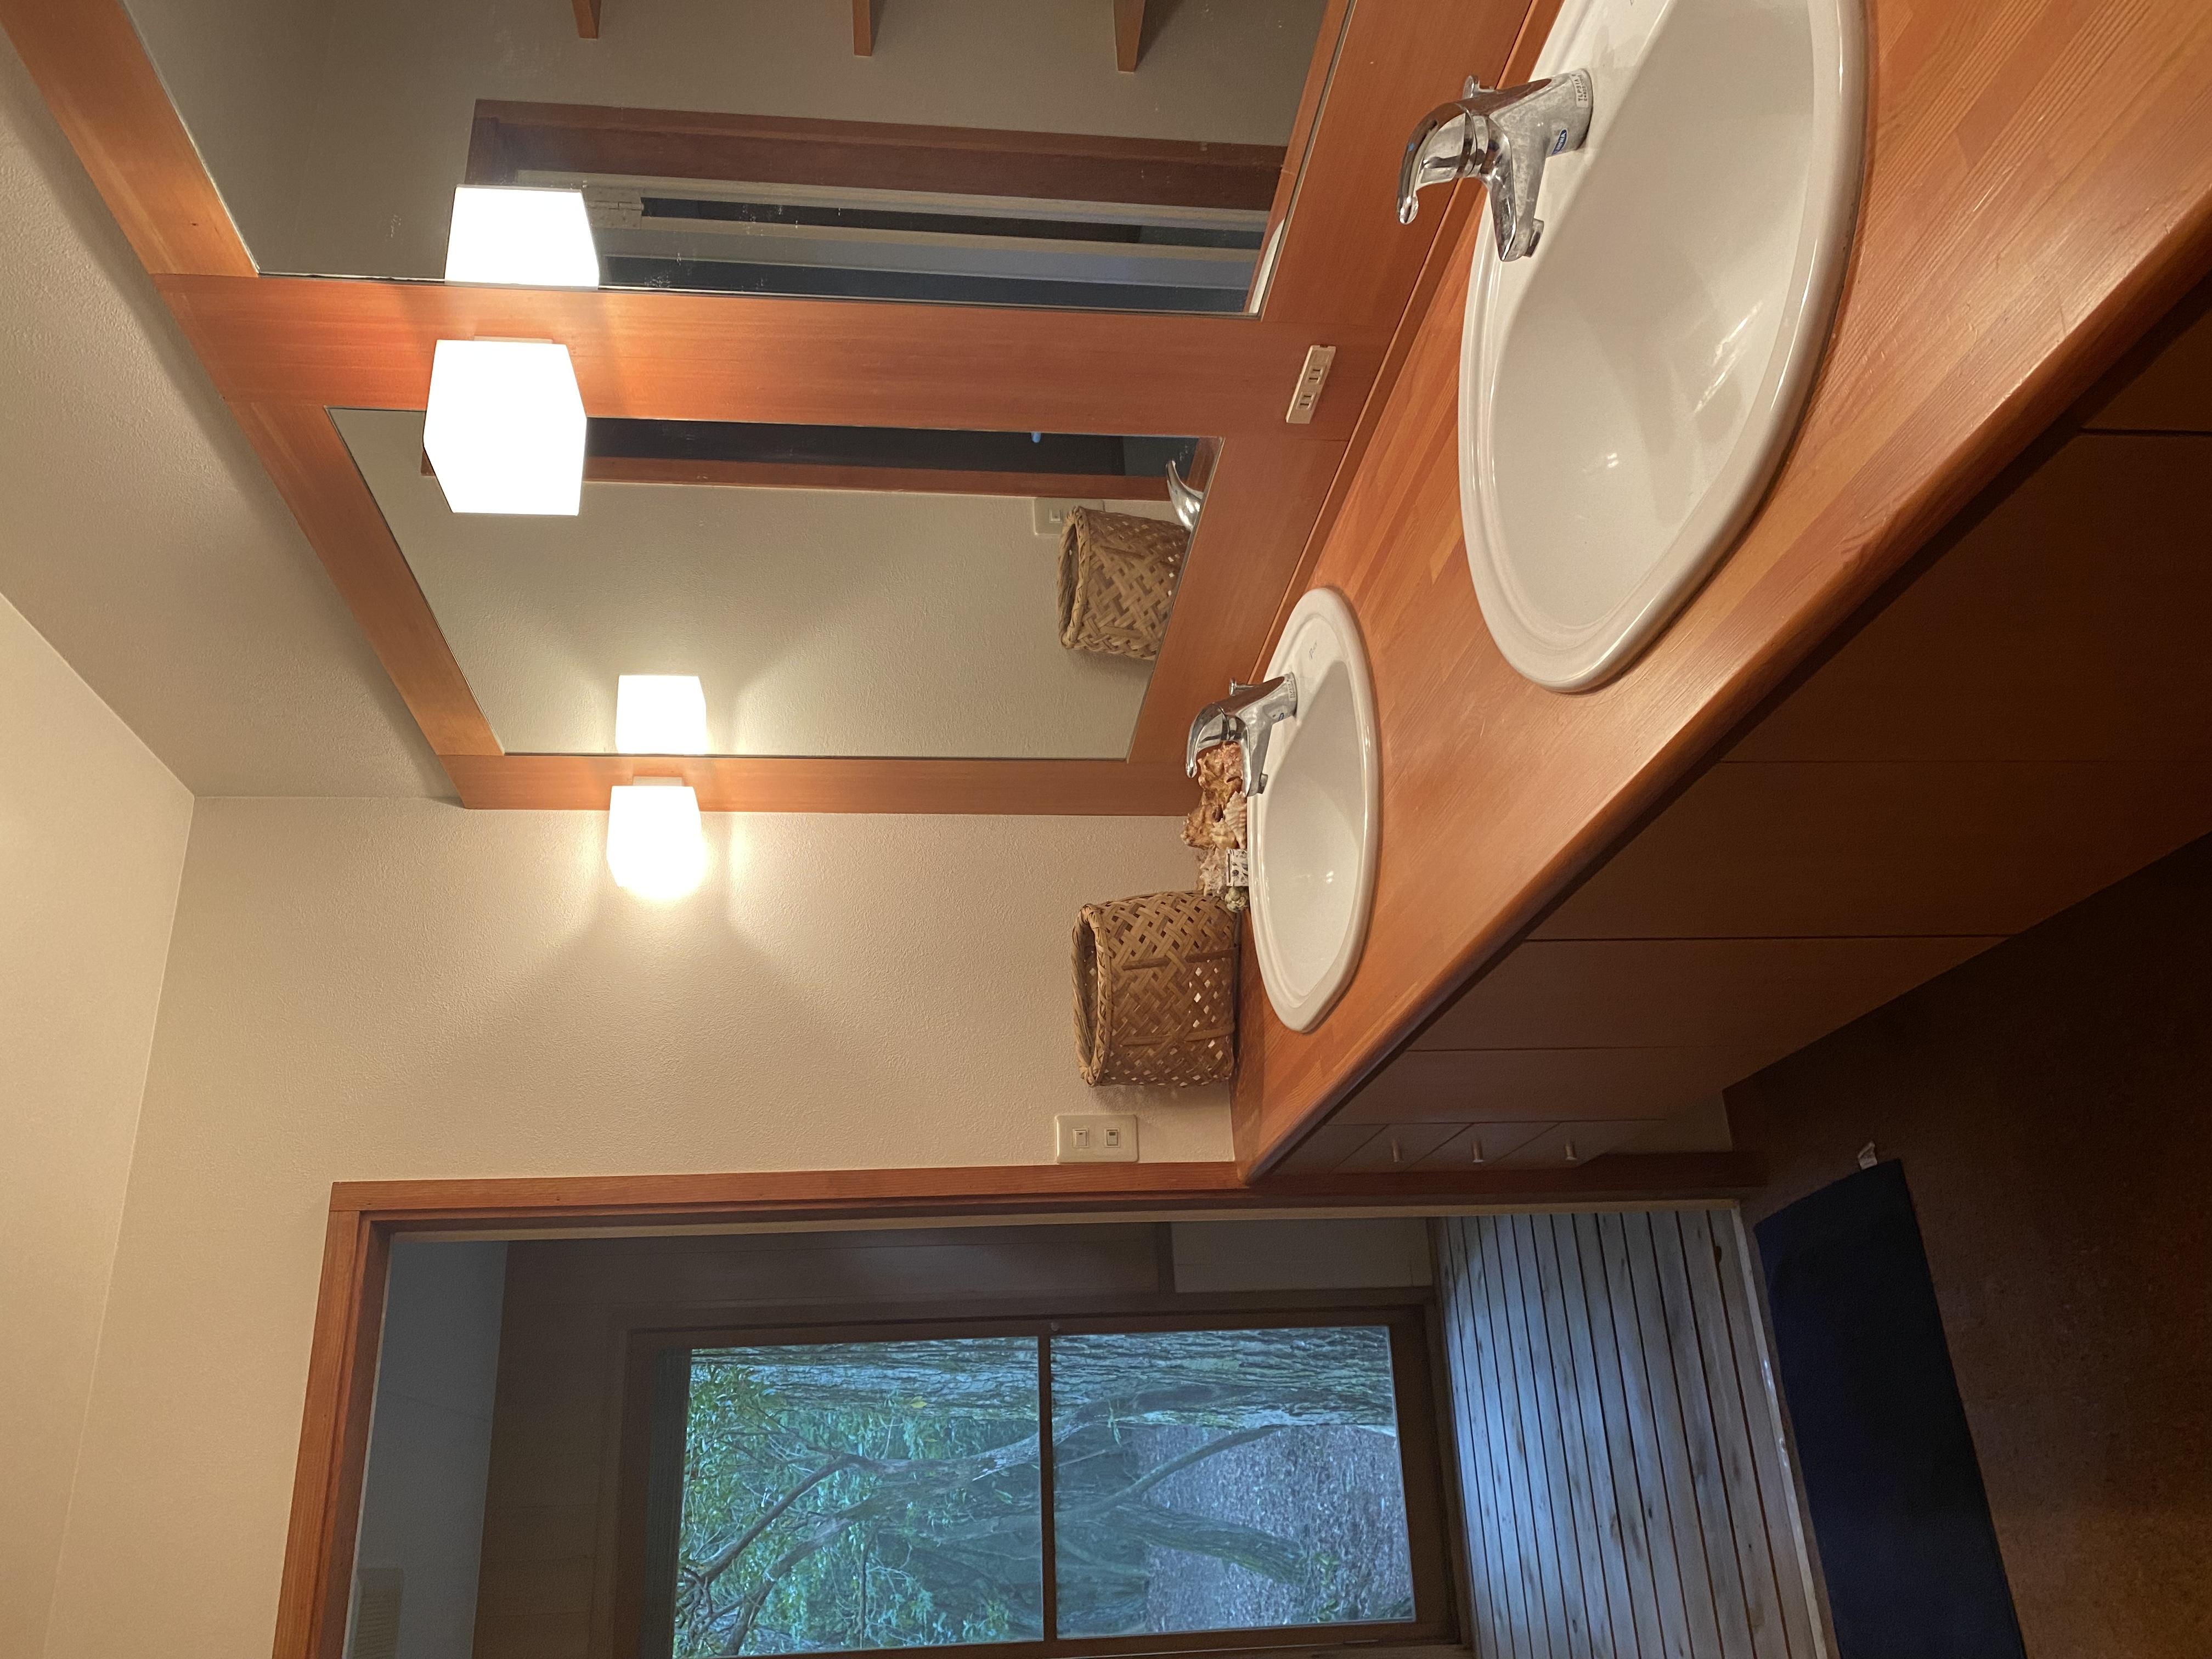 駐車可能なスペースからすぐにバスルーム、キッチンがございます。外の扉から入室していただけます。